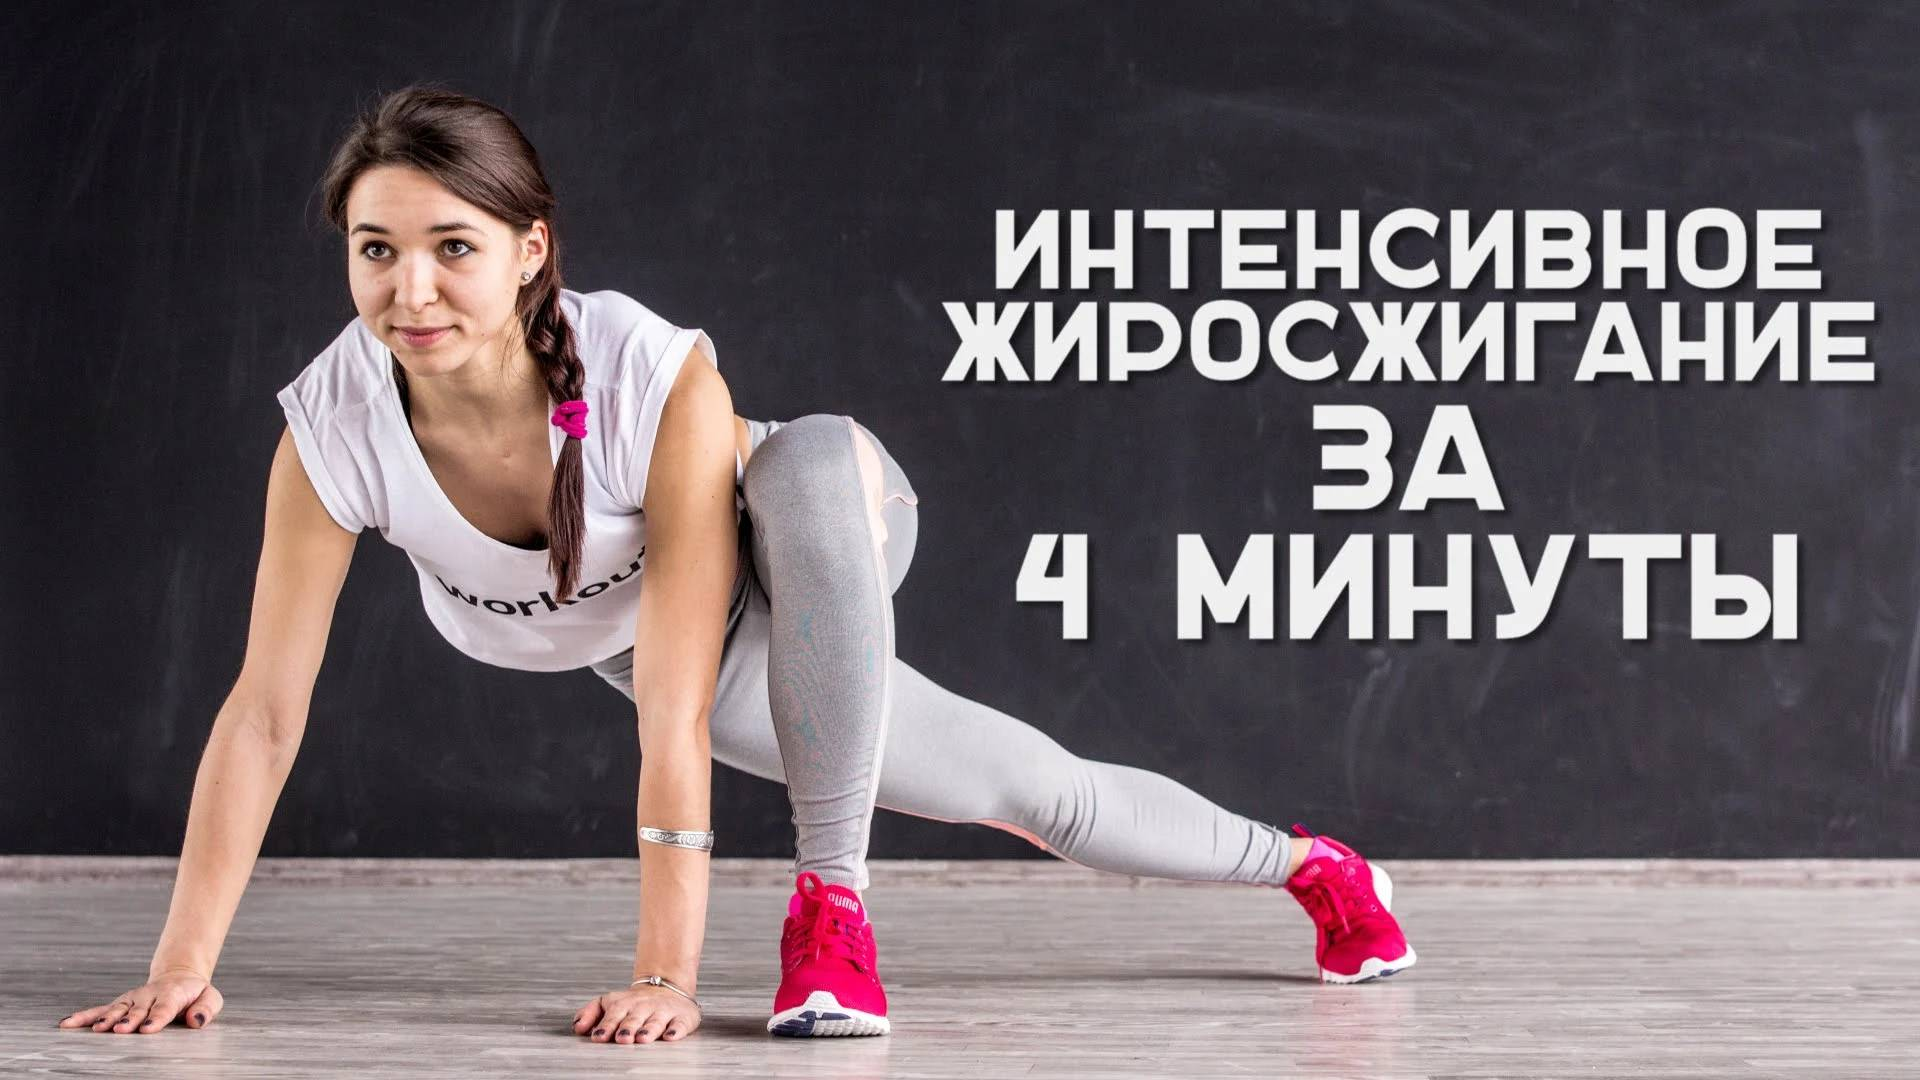 Тренировка табата: видео для начинающих женщин и мужчин